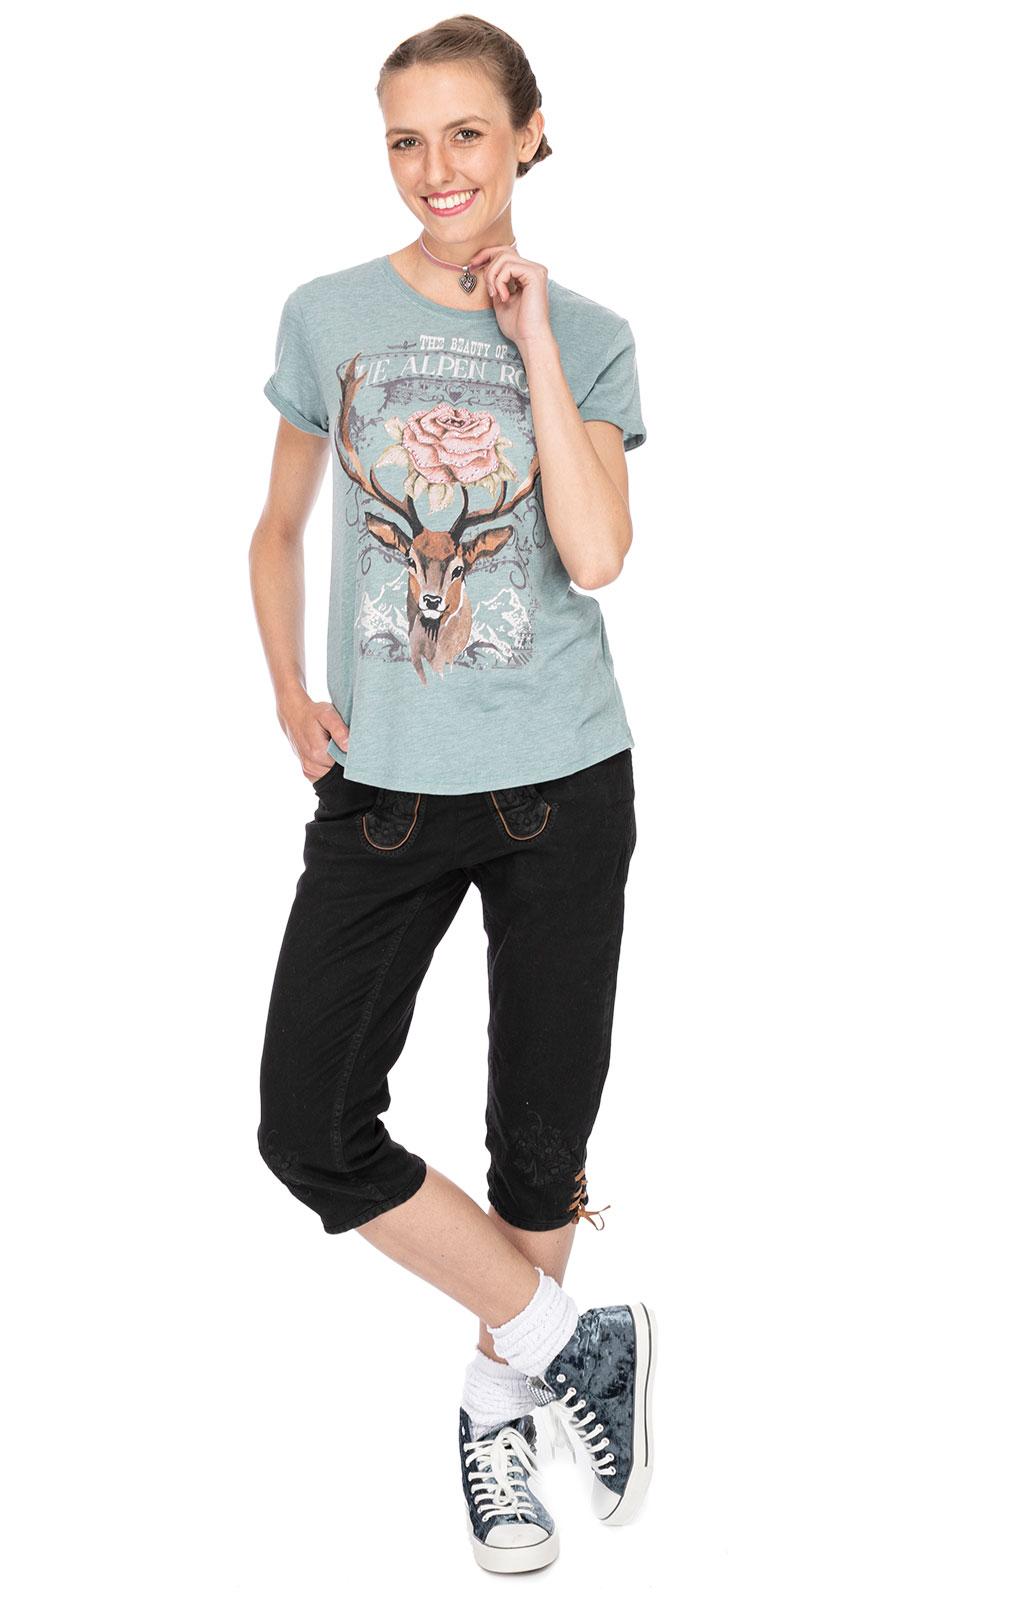 weitere Bilder von Trachten T-Shirt F24 - ALPENROSES tuerkis